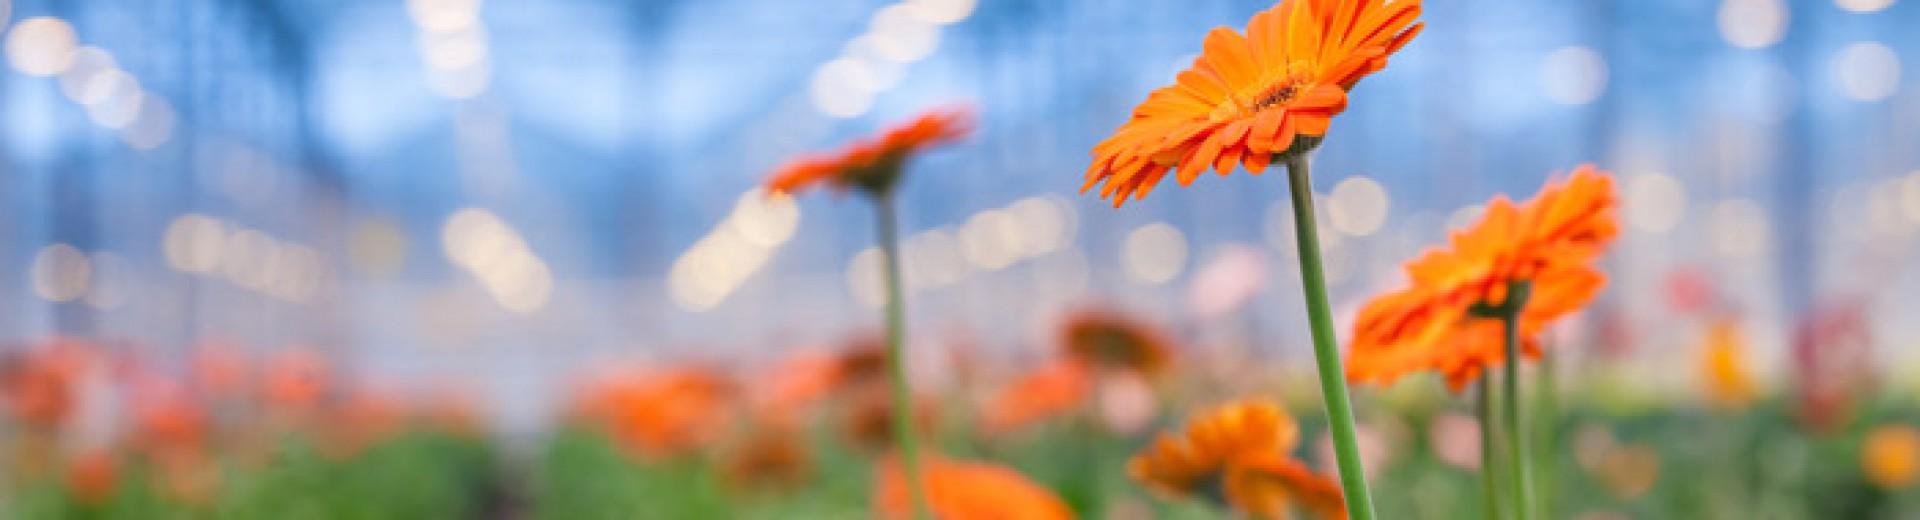 Kemeling Kunststoffen Land en tuinbouw kassen bloemen